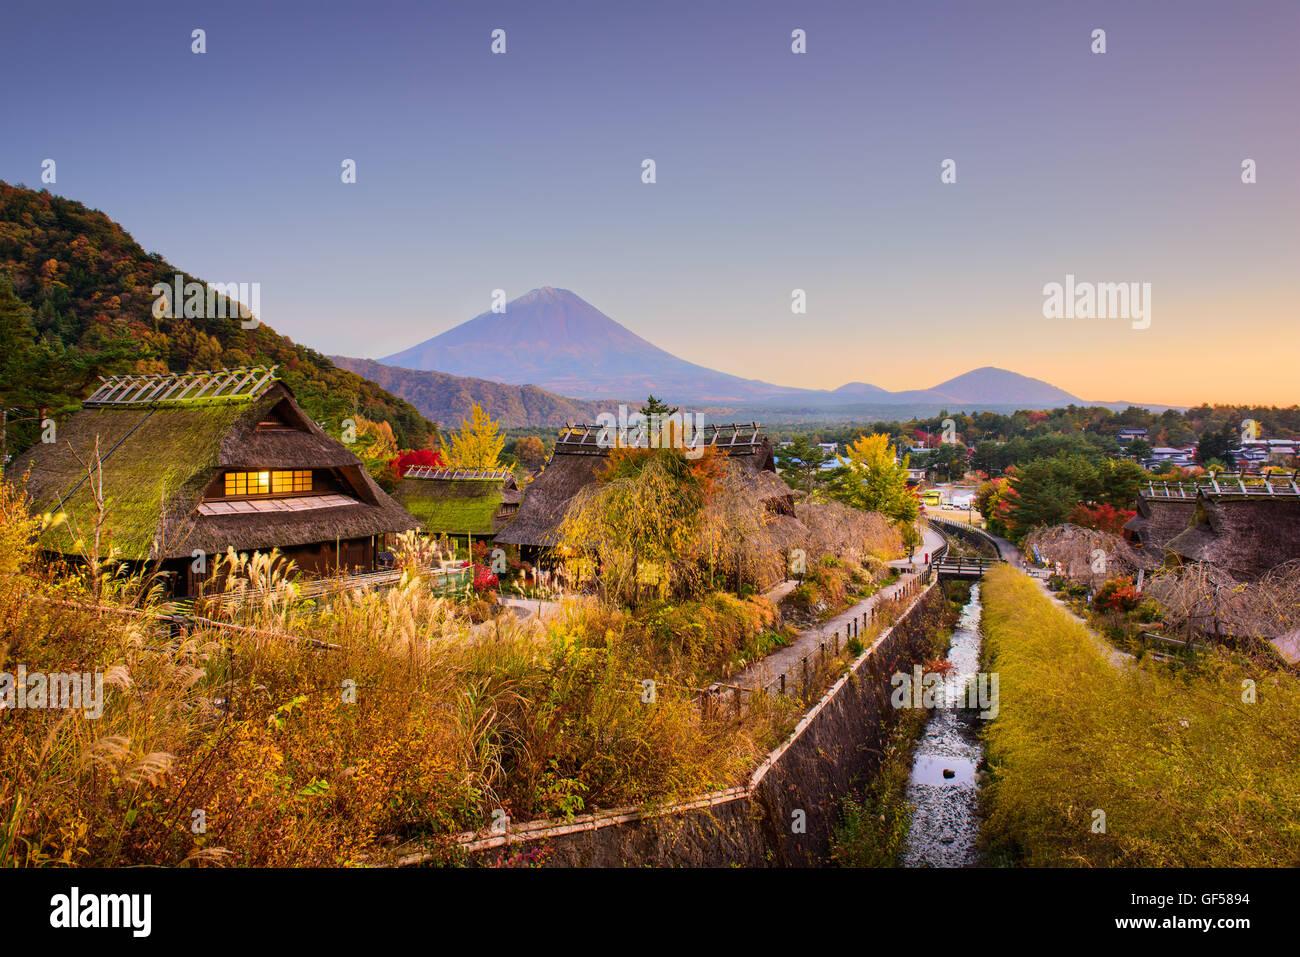 Mt. Fuji, Japón con villa histórica Iyashi no Sato durante el otoño. Imagen De Stock